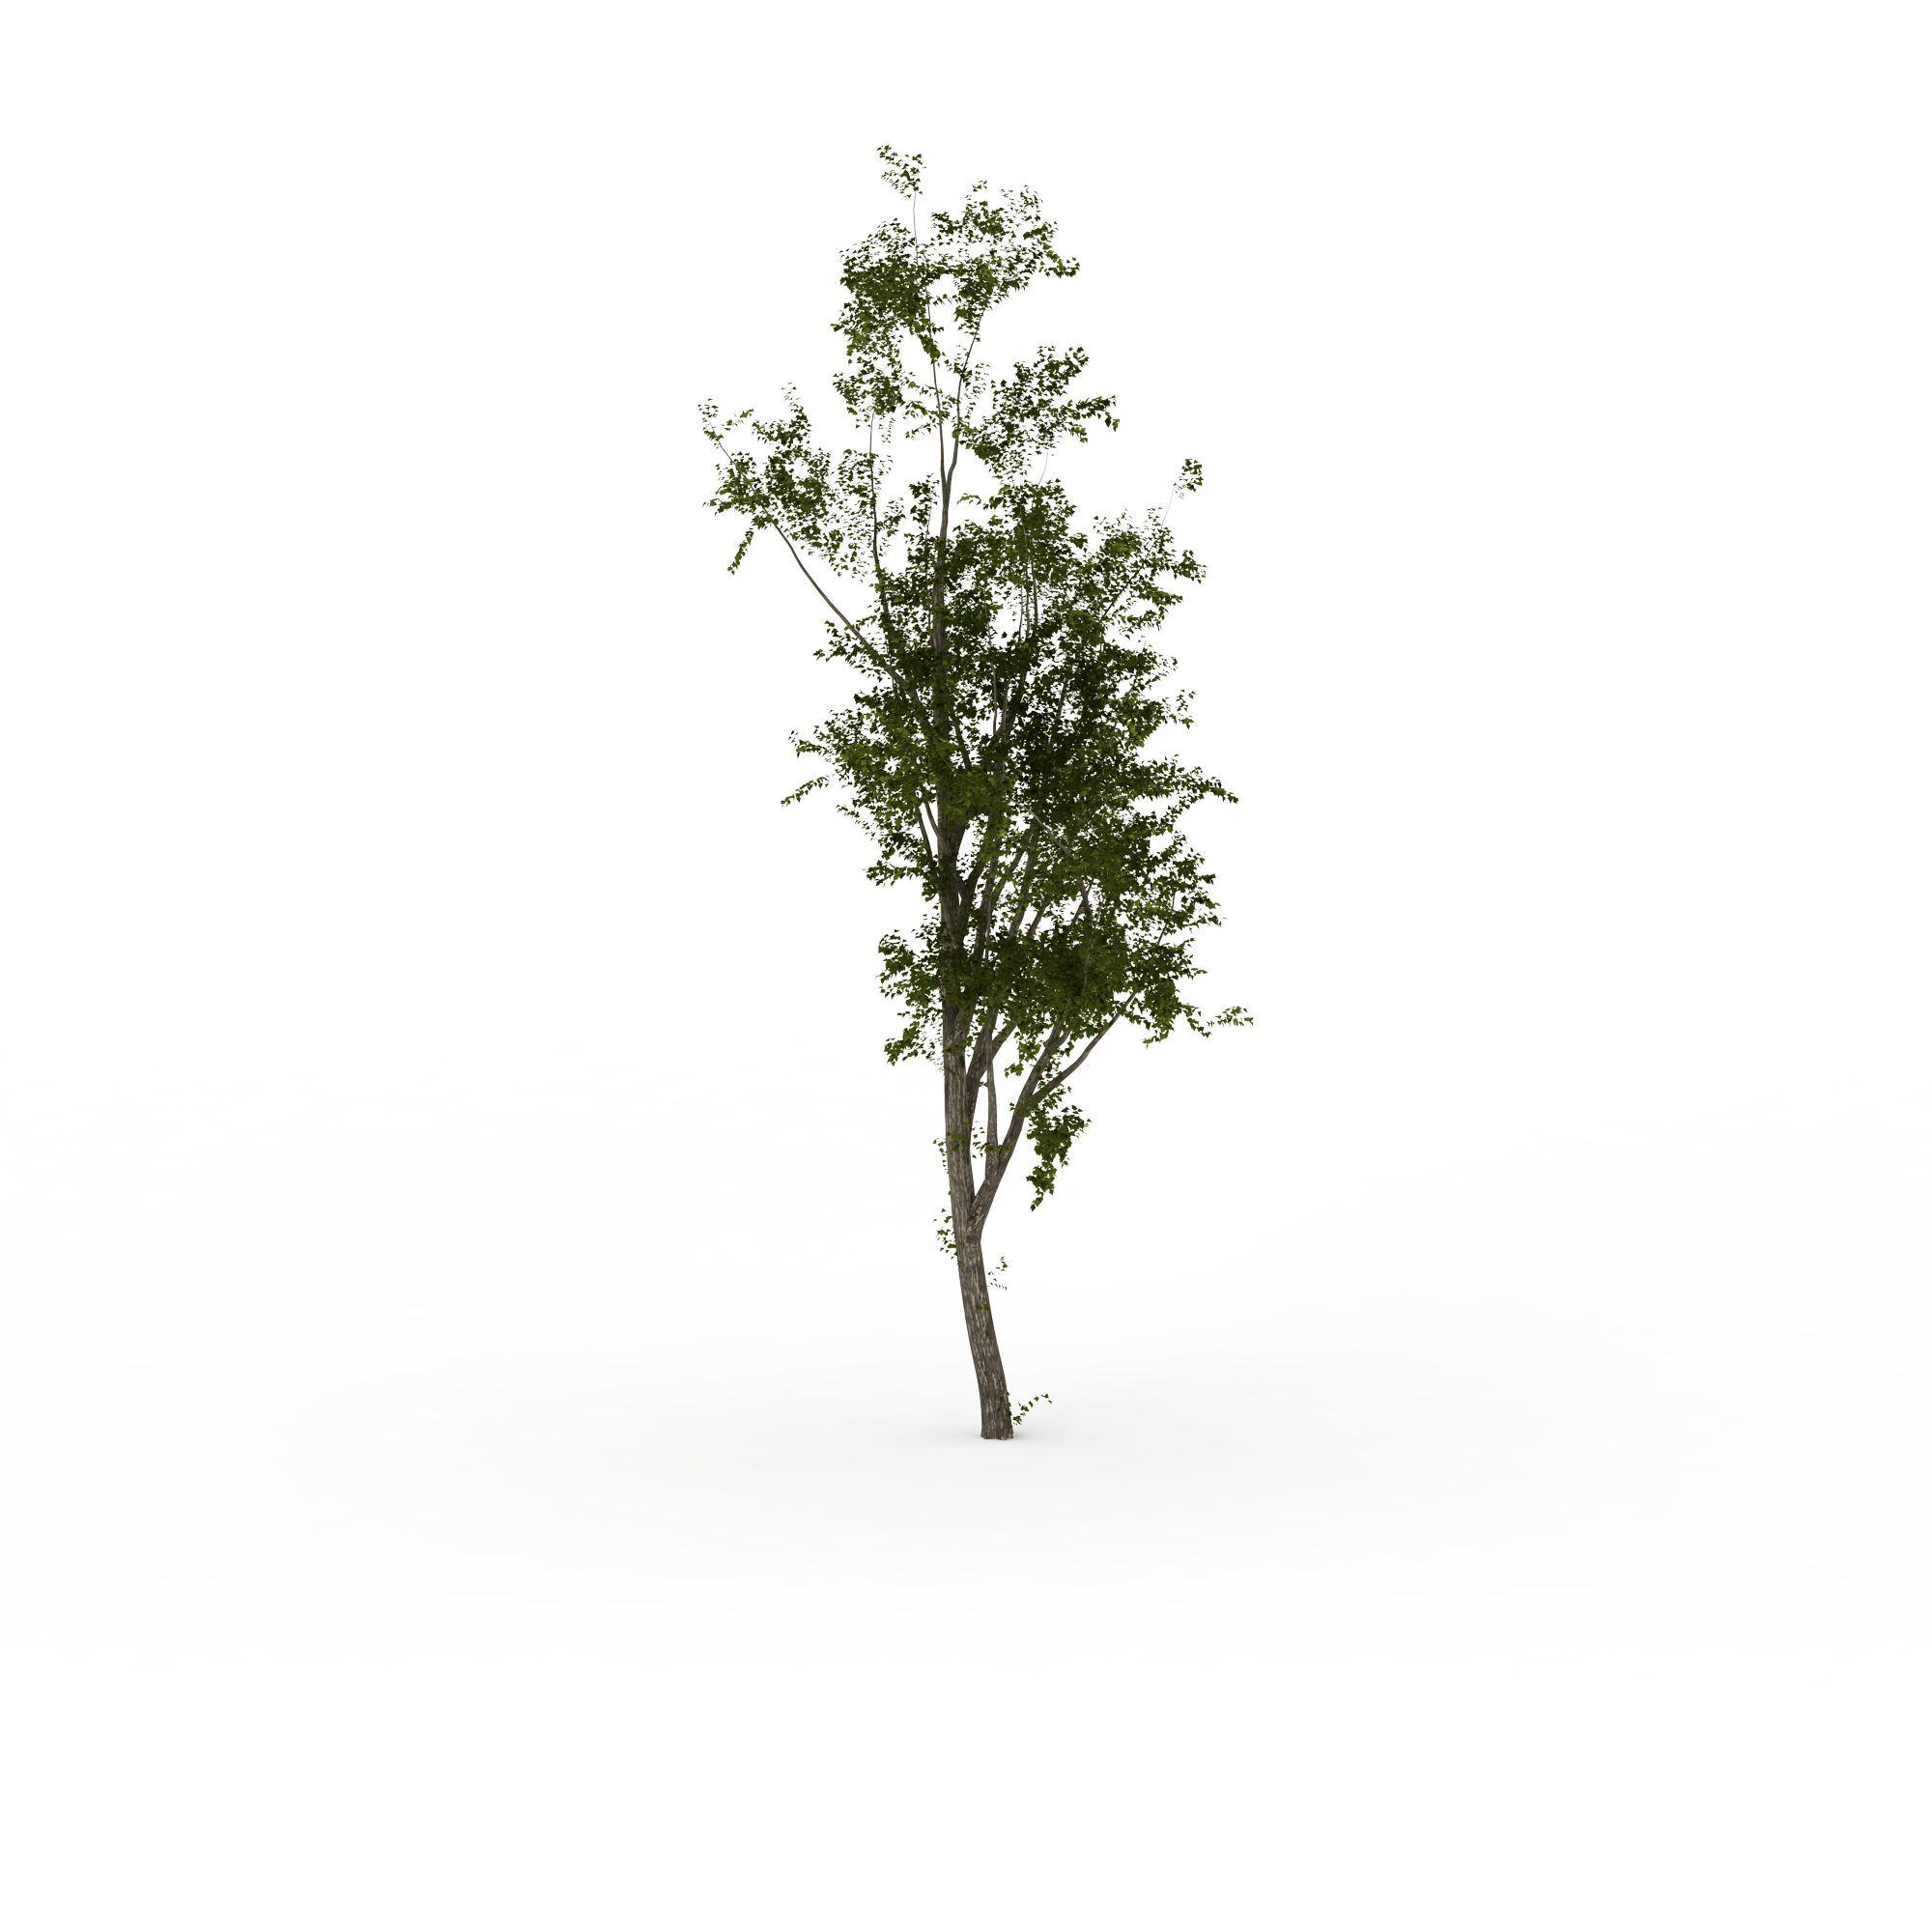 槐树高清图下载